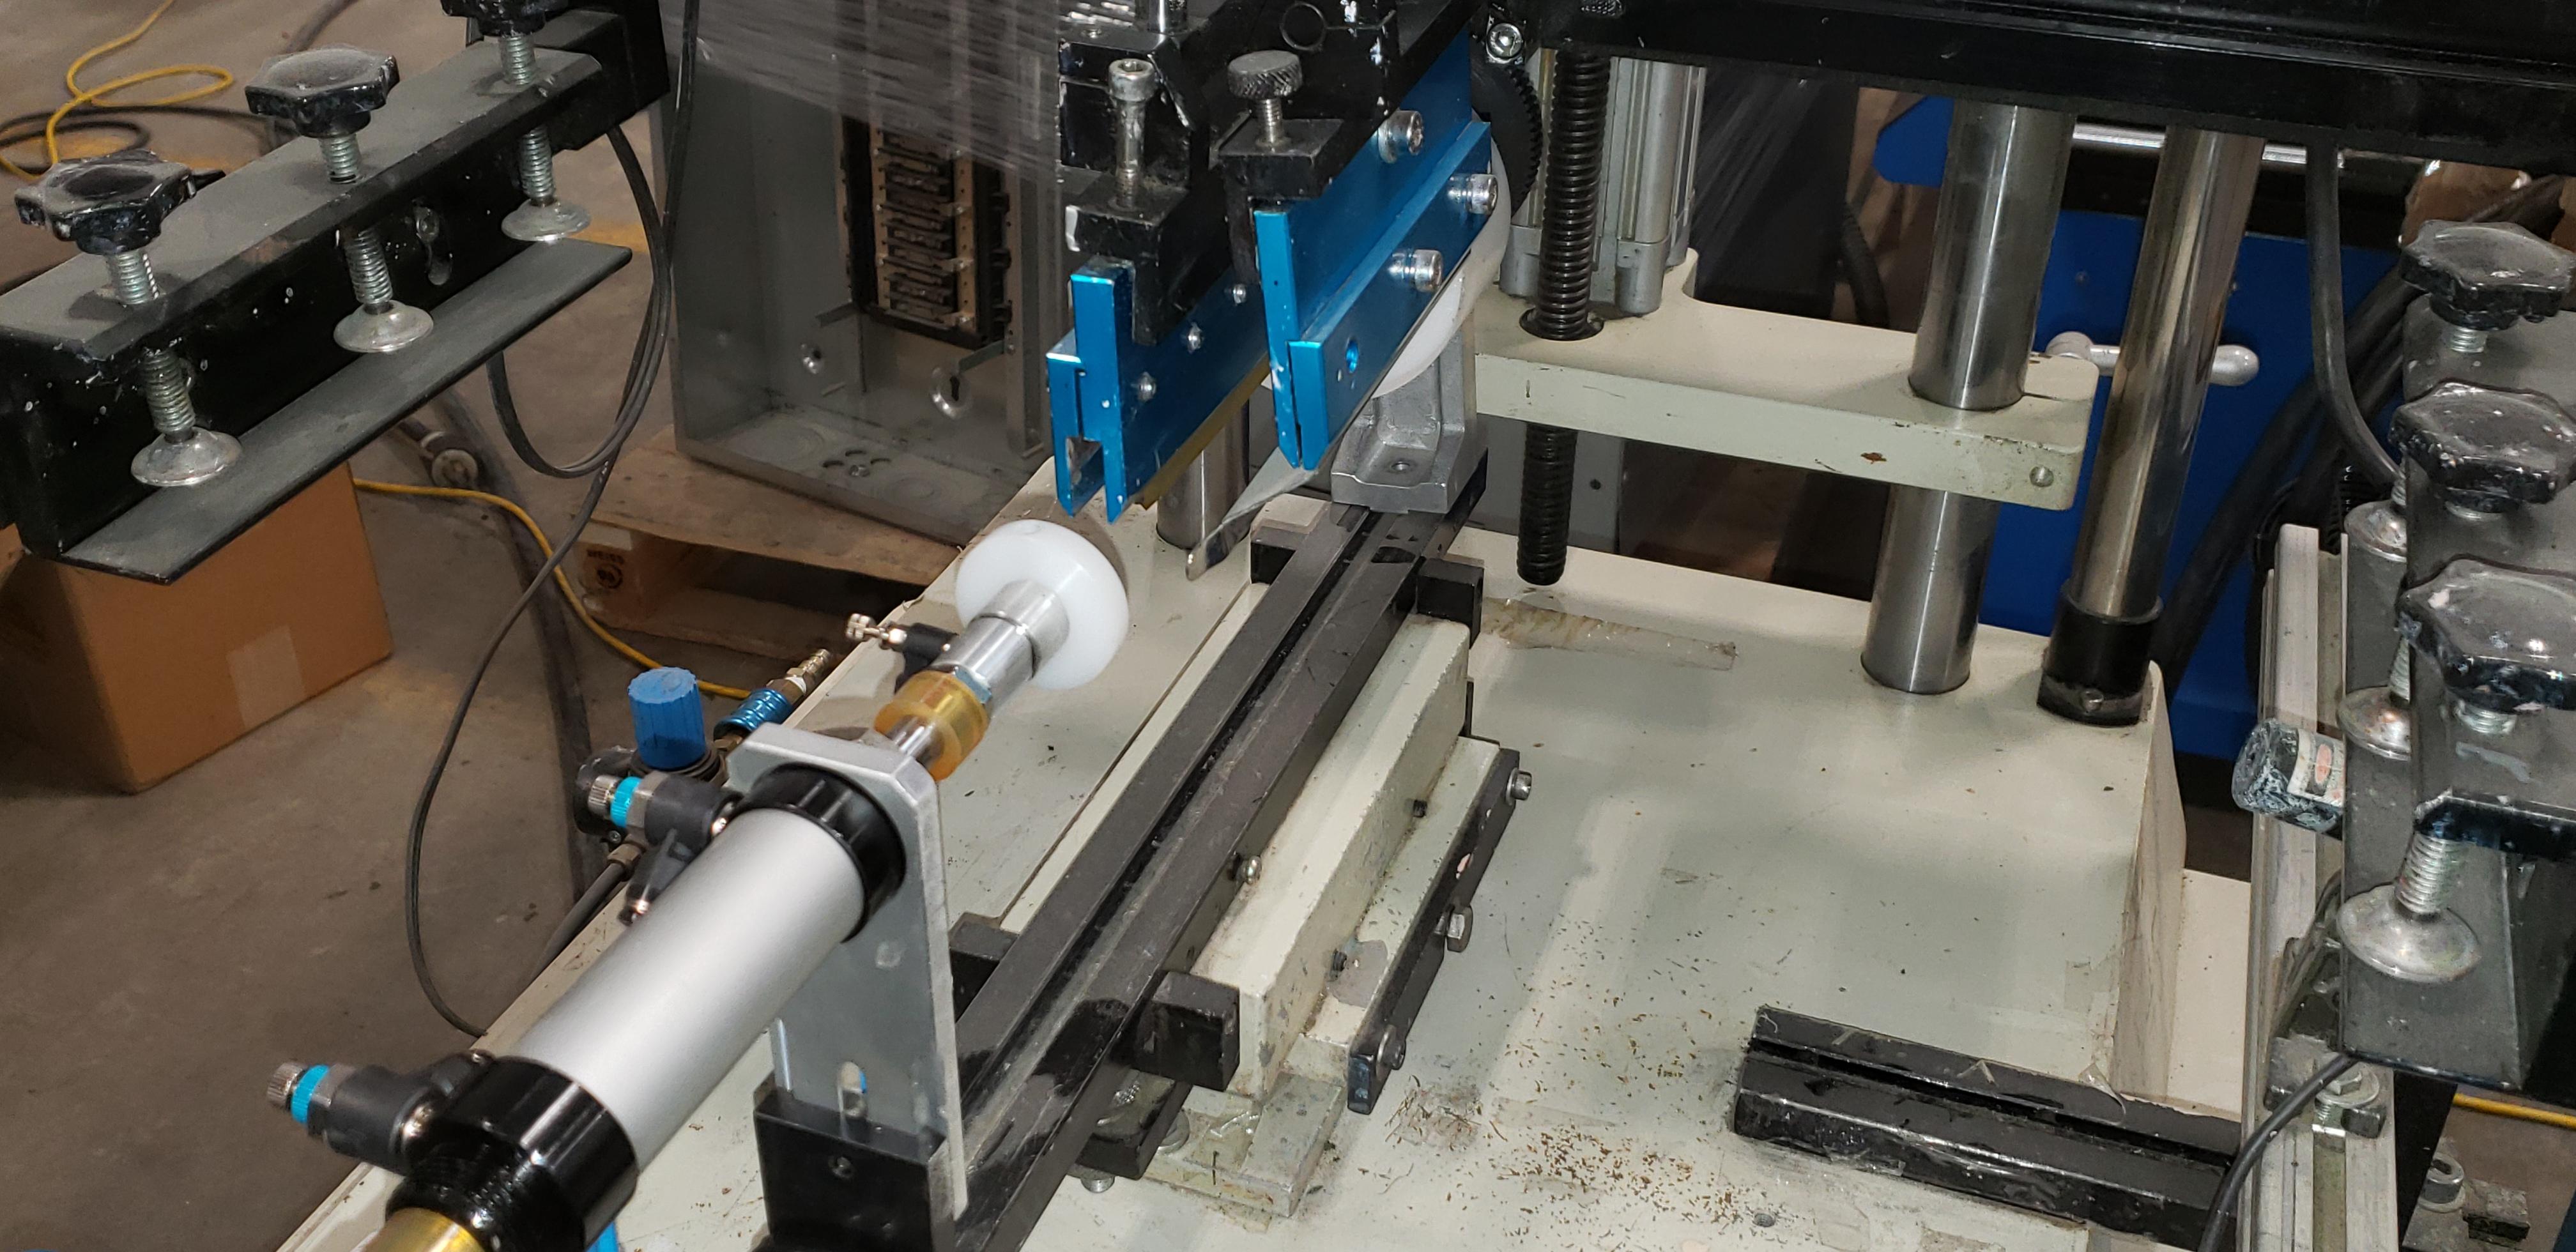 Silk Screen Printer for Bottles - Image 5 of 10